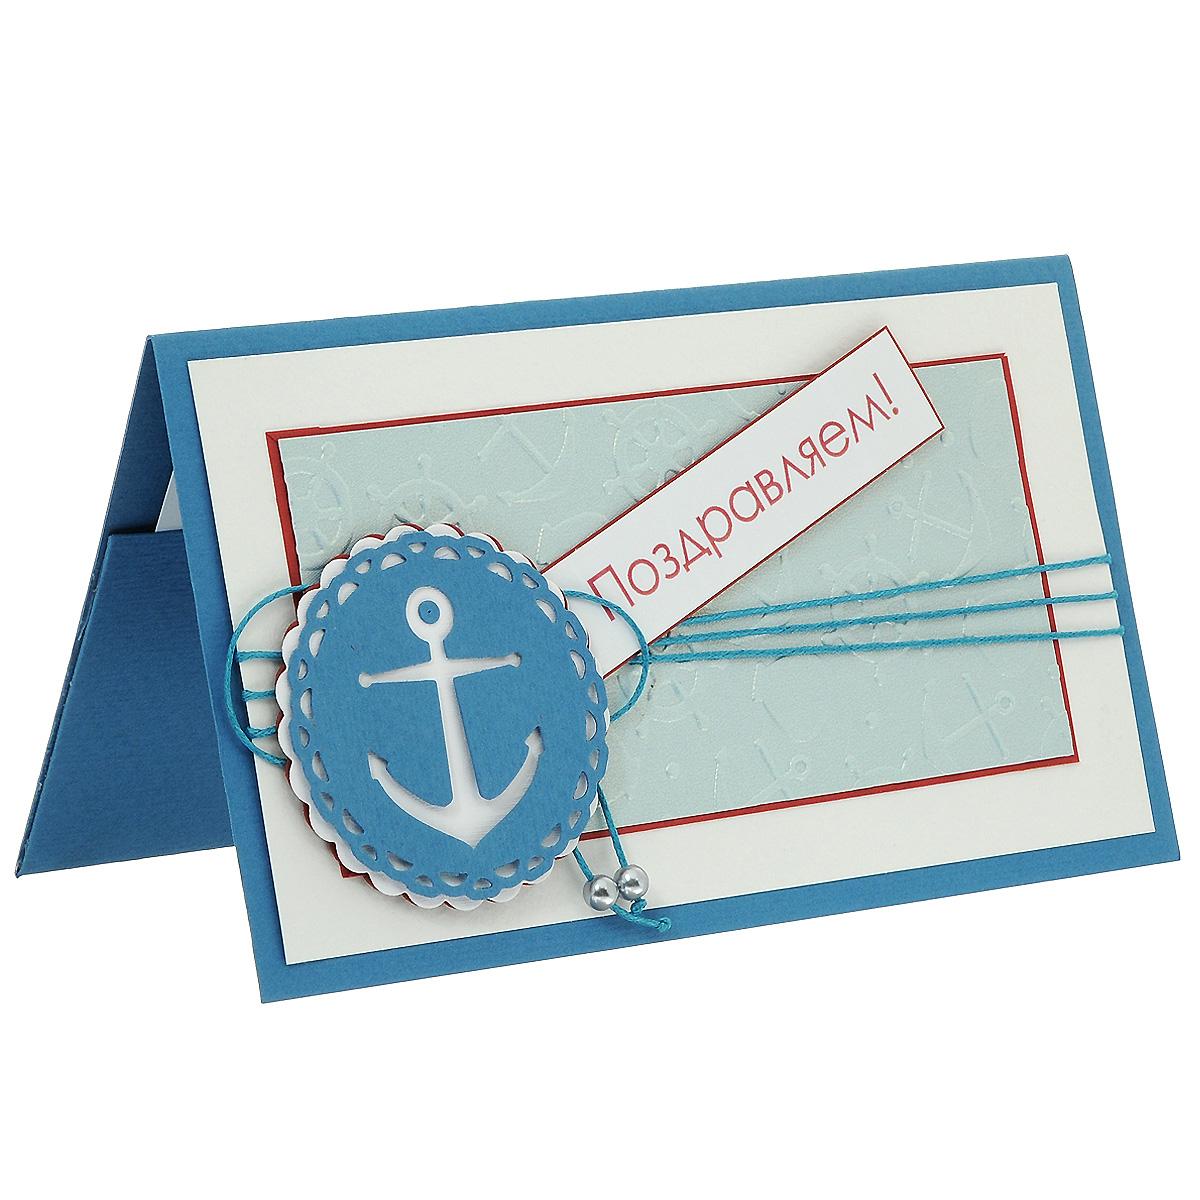 ОМ-0011 Открытка-конверт «Поздравляем!» (морская). Студия «Тётя Роза»94998Характеристики: Размер 19 см x 11 см.Материал: Высоко-художественный картон, бумага, декор. Данная открытка может стать как прекрасным дополнением к вашему подарку, так и самостоятельным подарком. Так как открытка является и конвертом, в который вы можете вложить ваш денежный подарок или просто написать ваши пожелания на вкладыше. Поздравительный конверт в морском стиле сдержан и одновременно очень выразителен. Основное поле выполнено рельефным тиснением на перламутровой бумаге. В круглом ажурном медальоневырезано изображение якоря. Здесь также использованы бусины и вощенный шнур. Также открытка упакована в пакетик для сохранности.Обращаем Ваше внимание на то, что открытка может незначительно отличаться от представленной на фото.Открытки ручной работы от студии Тётя Роза отличаются своим неповторимым и ярким стилем. Каждая уникальна и выполнена вручную мастерами студии. (Открытка для мужчин, открытка для женщины, открытка на день рождения, открытка с днем свадьбы, открытка винтаж, открытка с юбилеем, открытка на все случаи, скрапбукинг)